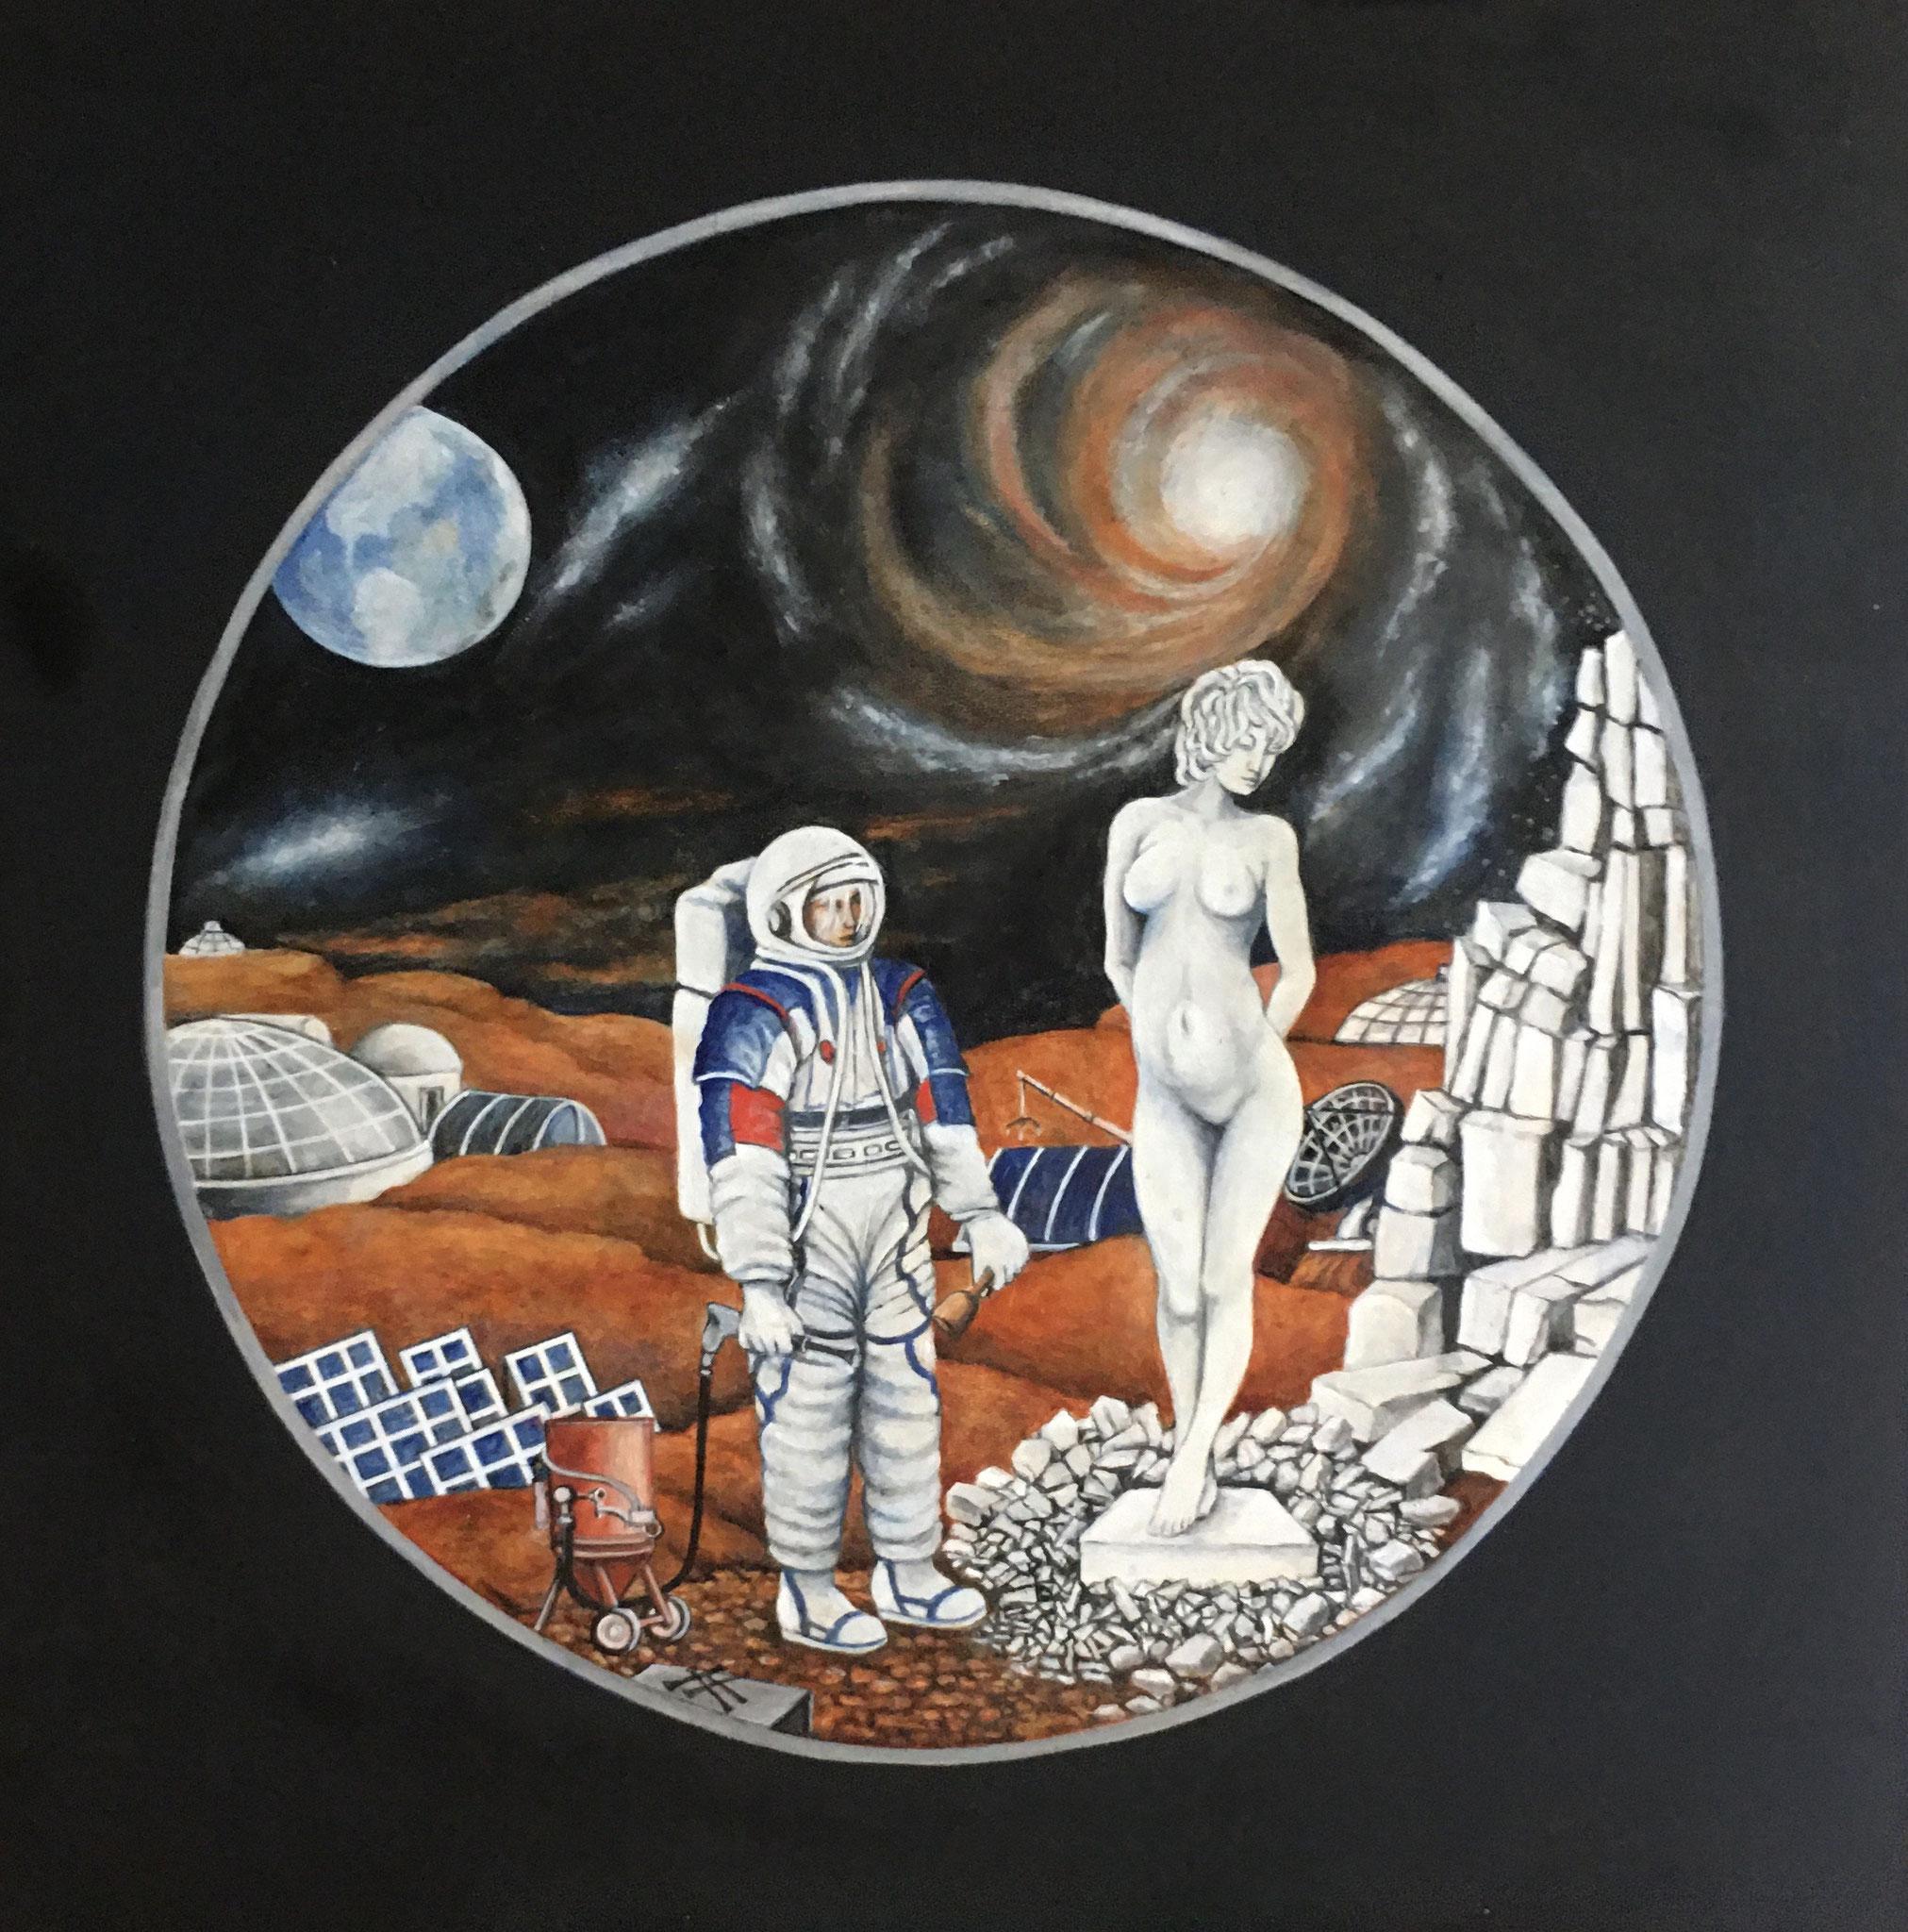 Pygmalion und Galatea, Acryl/öl, 50 x 50 cm, 2020